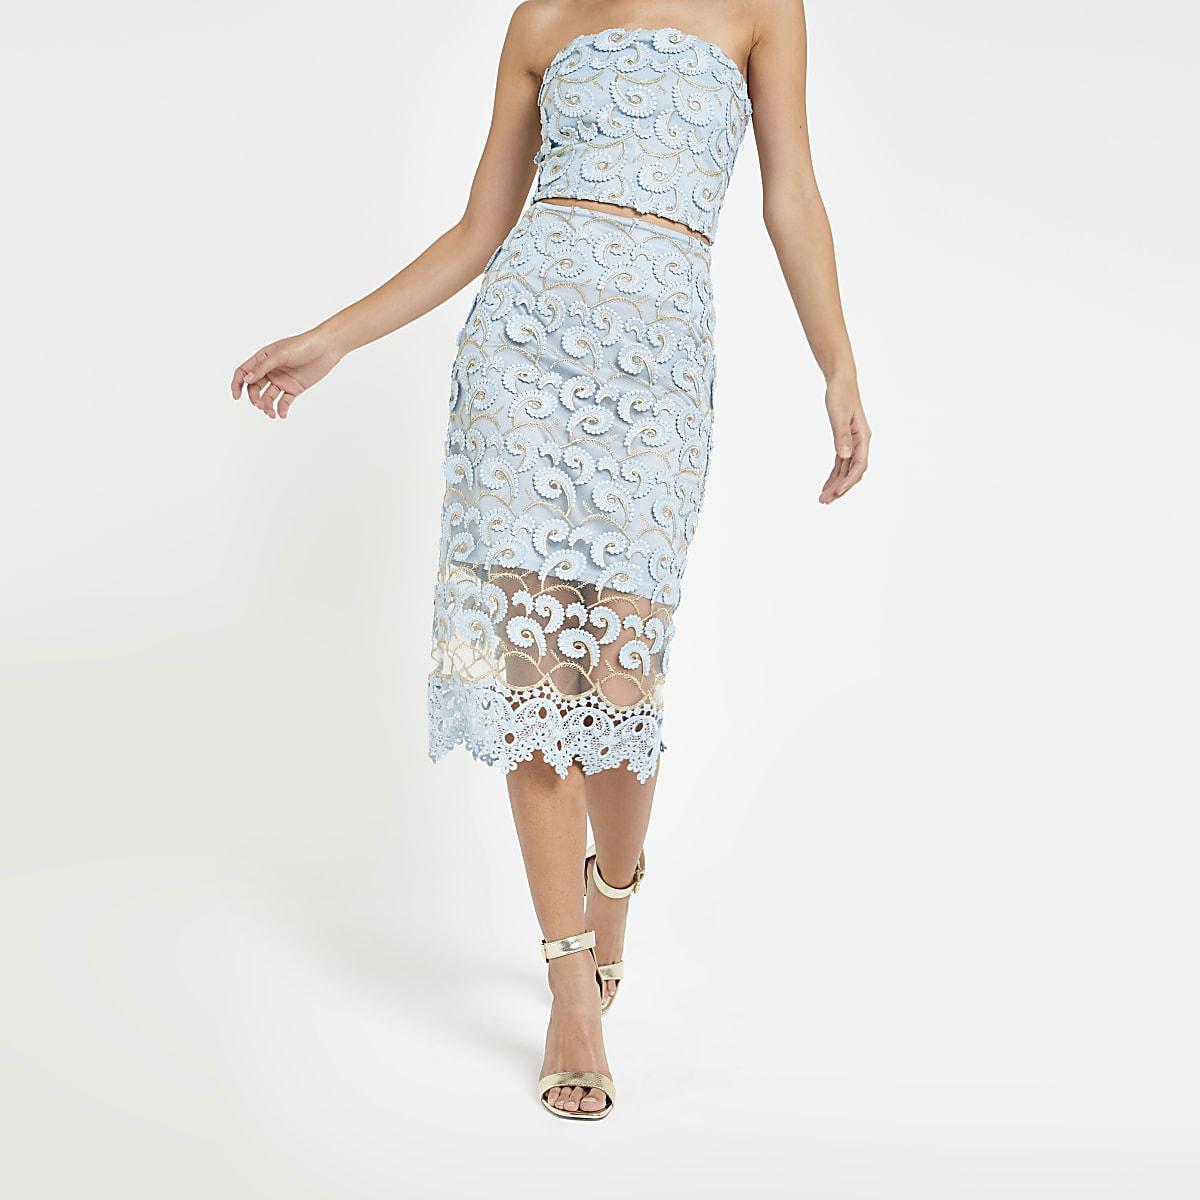 baskets pour pas cher b8b9c 0c89b Blue lace pencil skirt